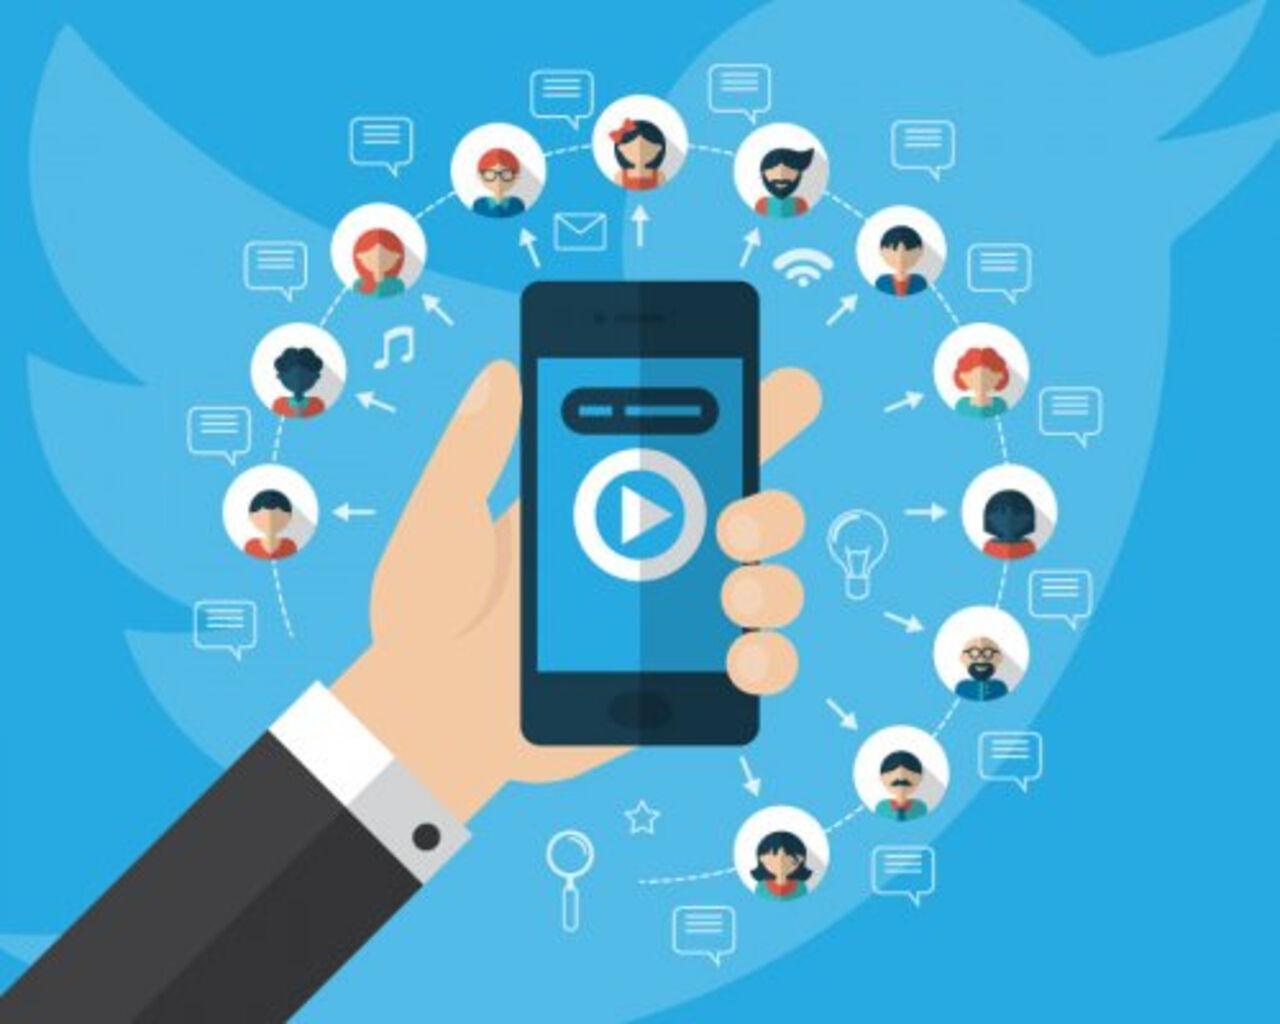 В социальная сеть Twitter может появиться новая функция для обмена видео